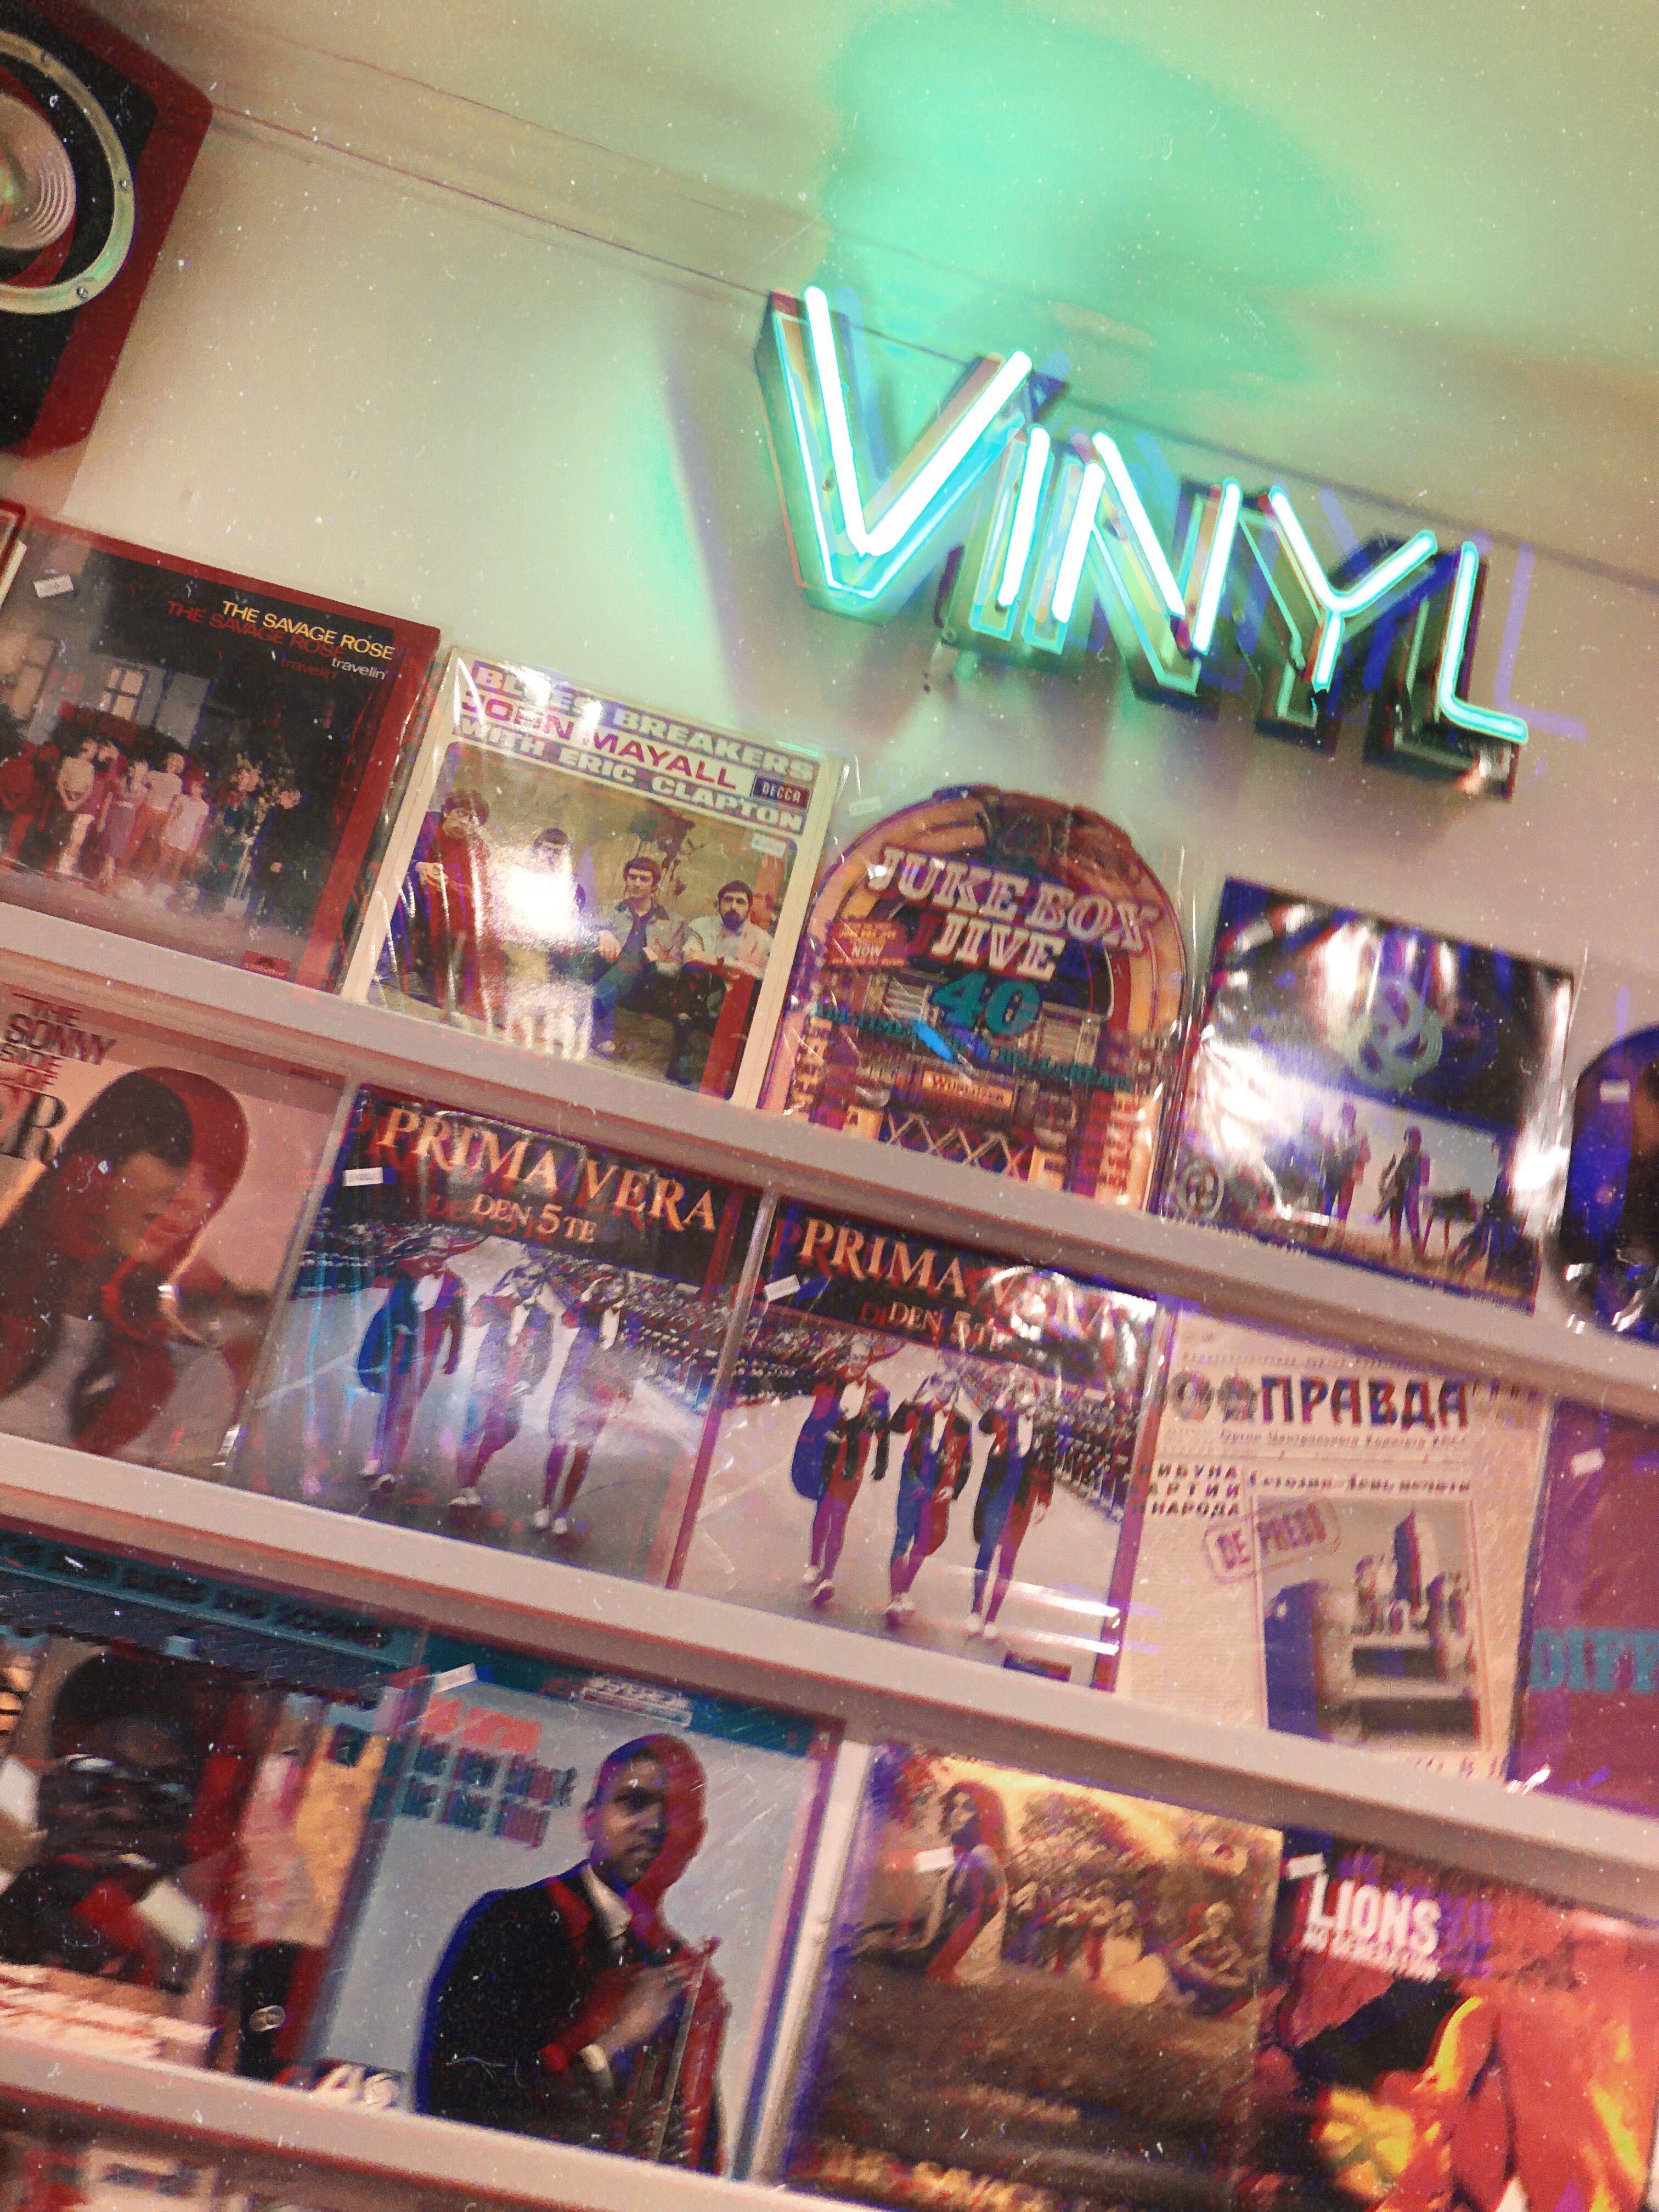 Vinyl Music Old School Inspo In 2020 Music Aesthetic Music Wallpaper Retro Music